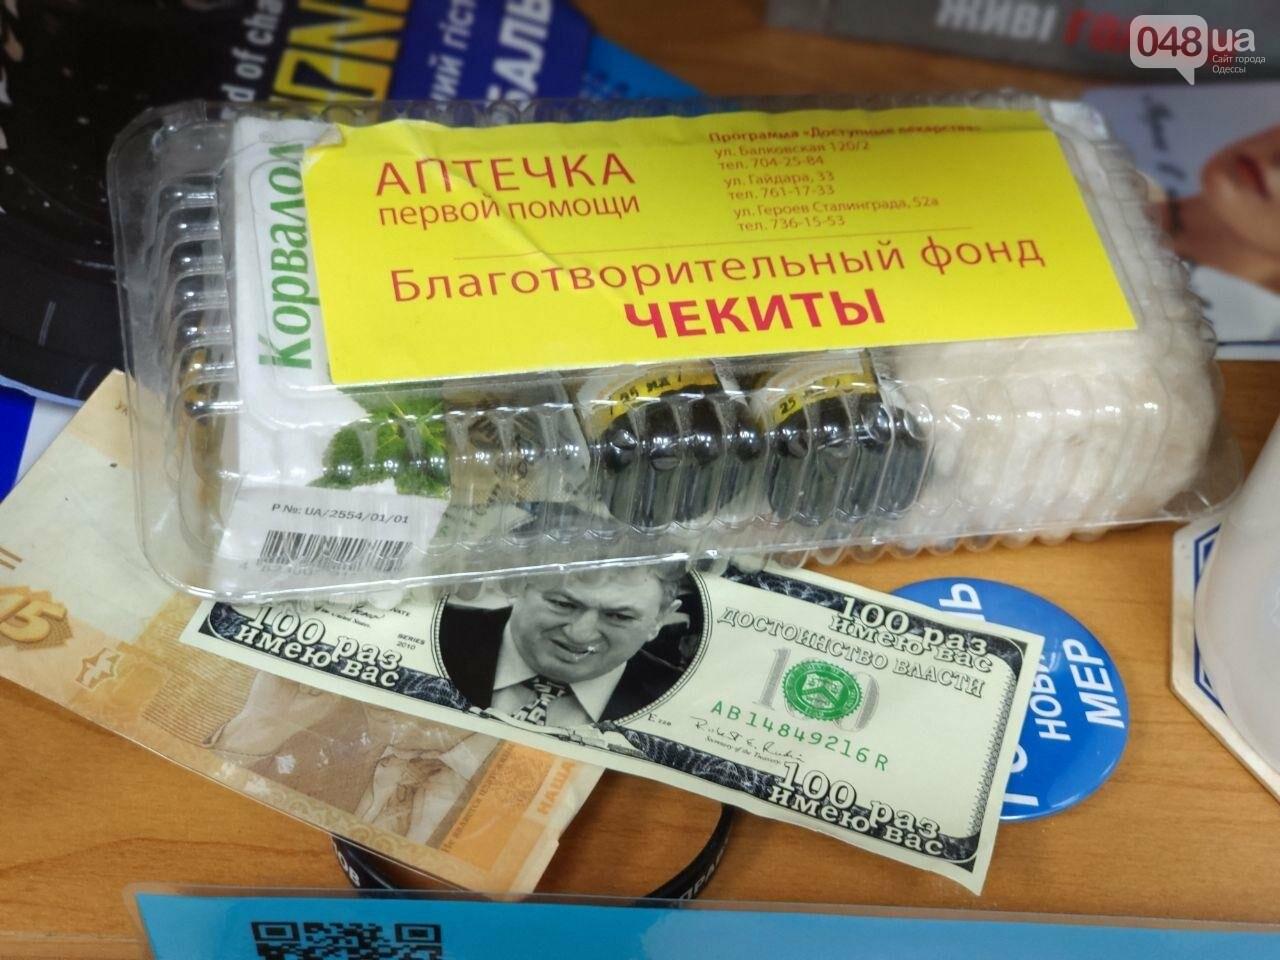 Гречка и секонд-хенд от кандидата: что посмотреть в новом музее выборов в Одессе, - ФОТОРЕПОРТАЖ, фото-3